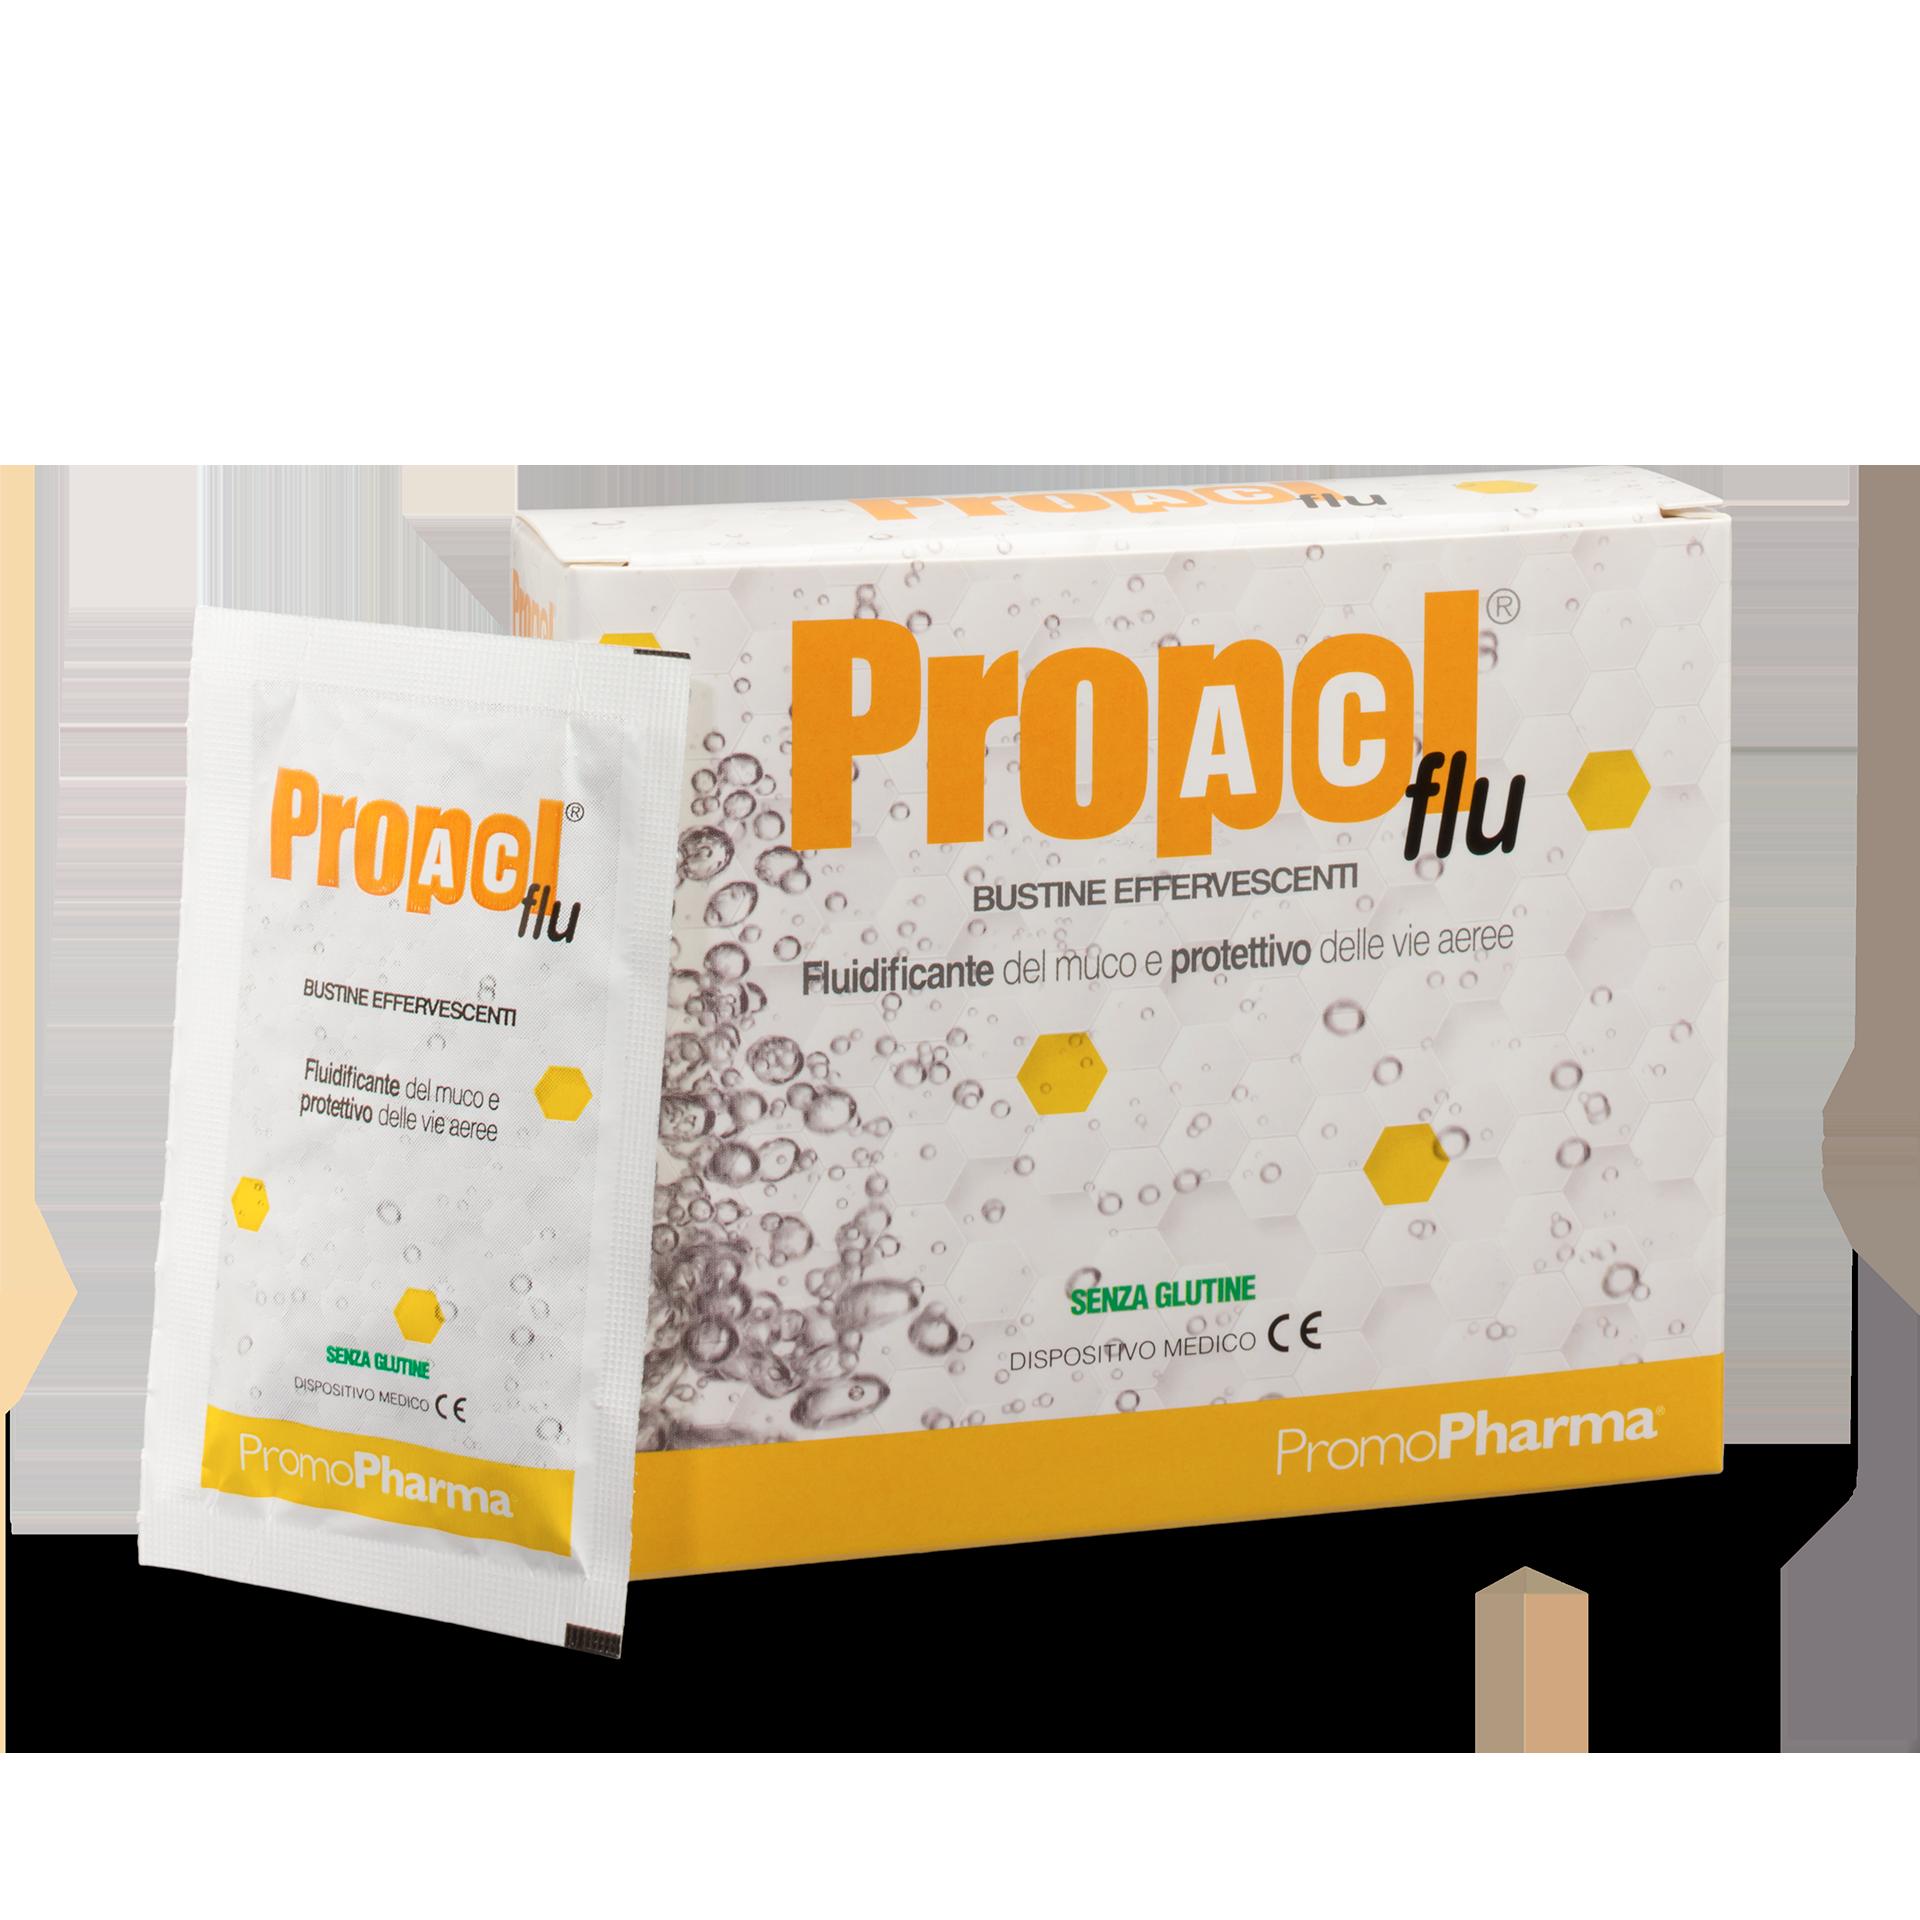 PropolAc® Flu effervescente